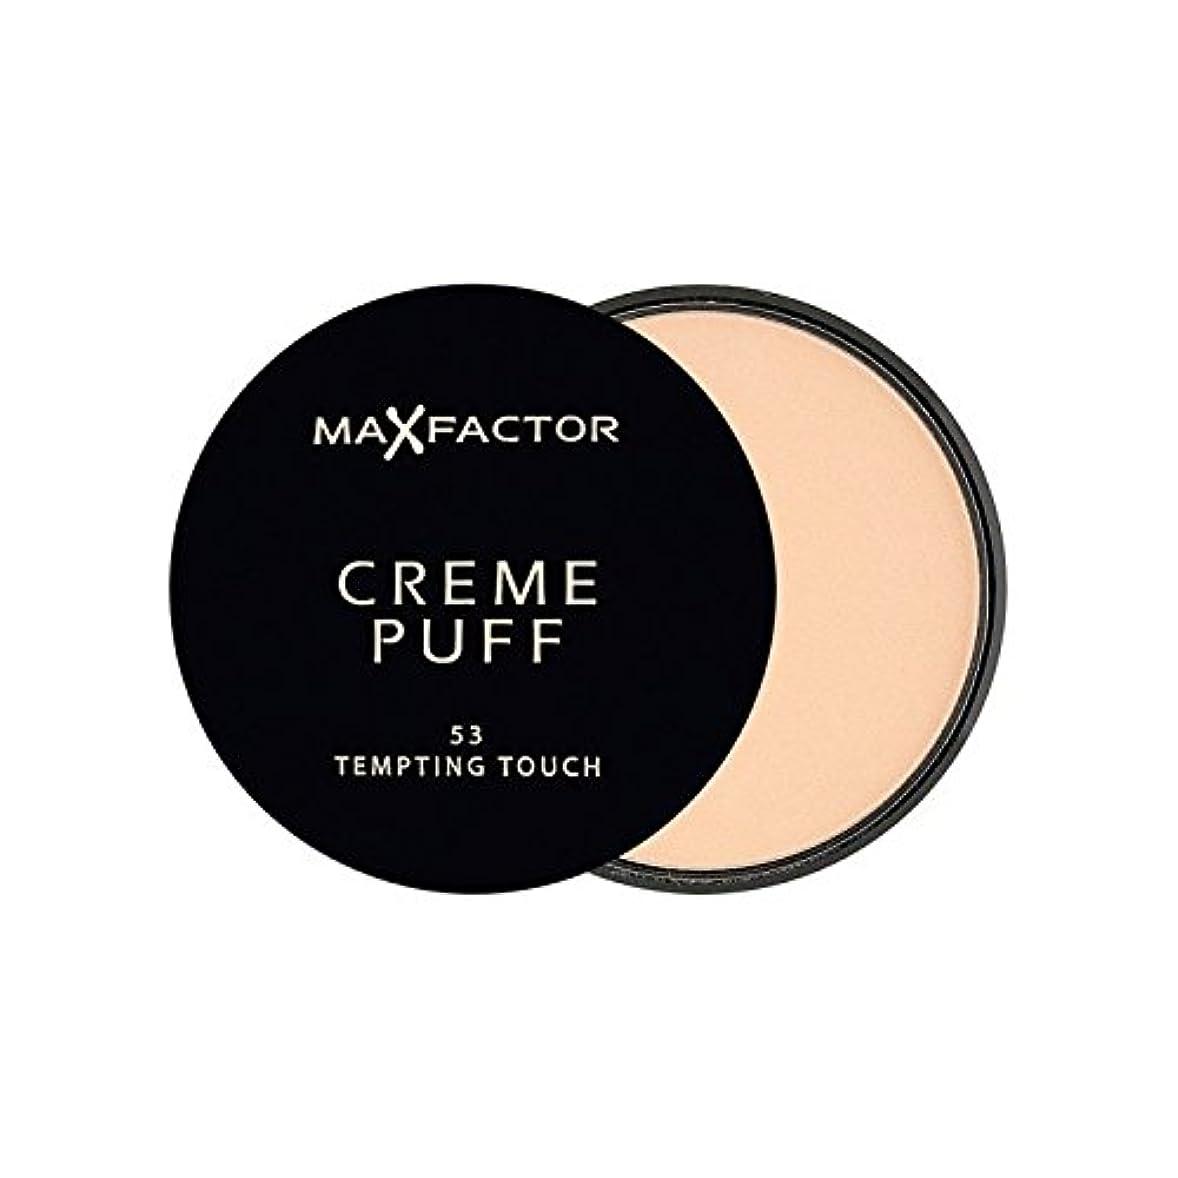 資格日また明日ねMax Factor Creme Puff Powder Compact Tempting Touch 53 (Pack of 6) - マックスファクタークリームパフパウダーコンパクト魅力的なタッチ53 x6 [並行輸入品]